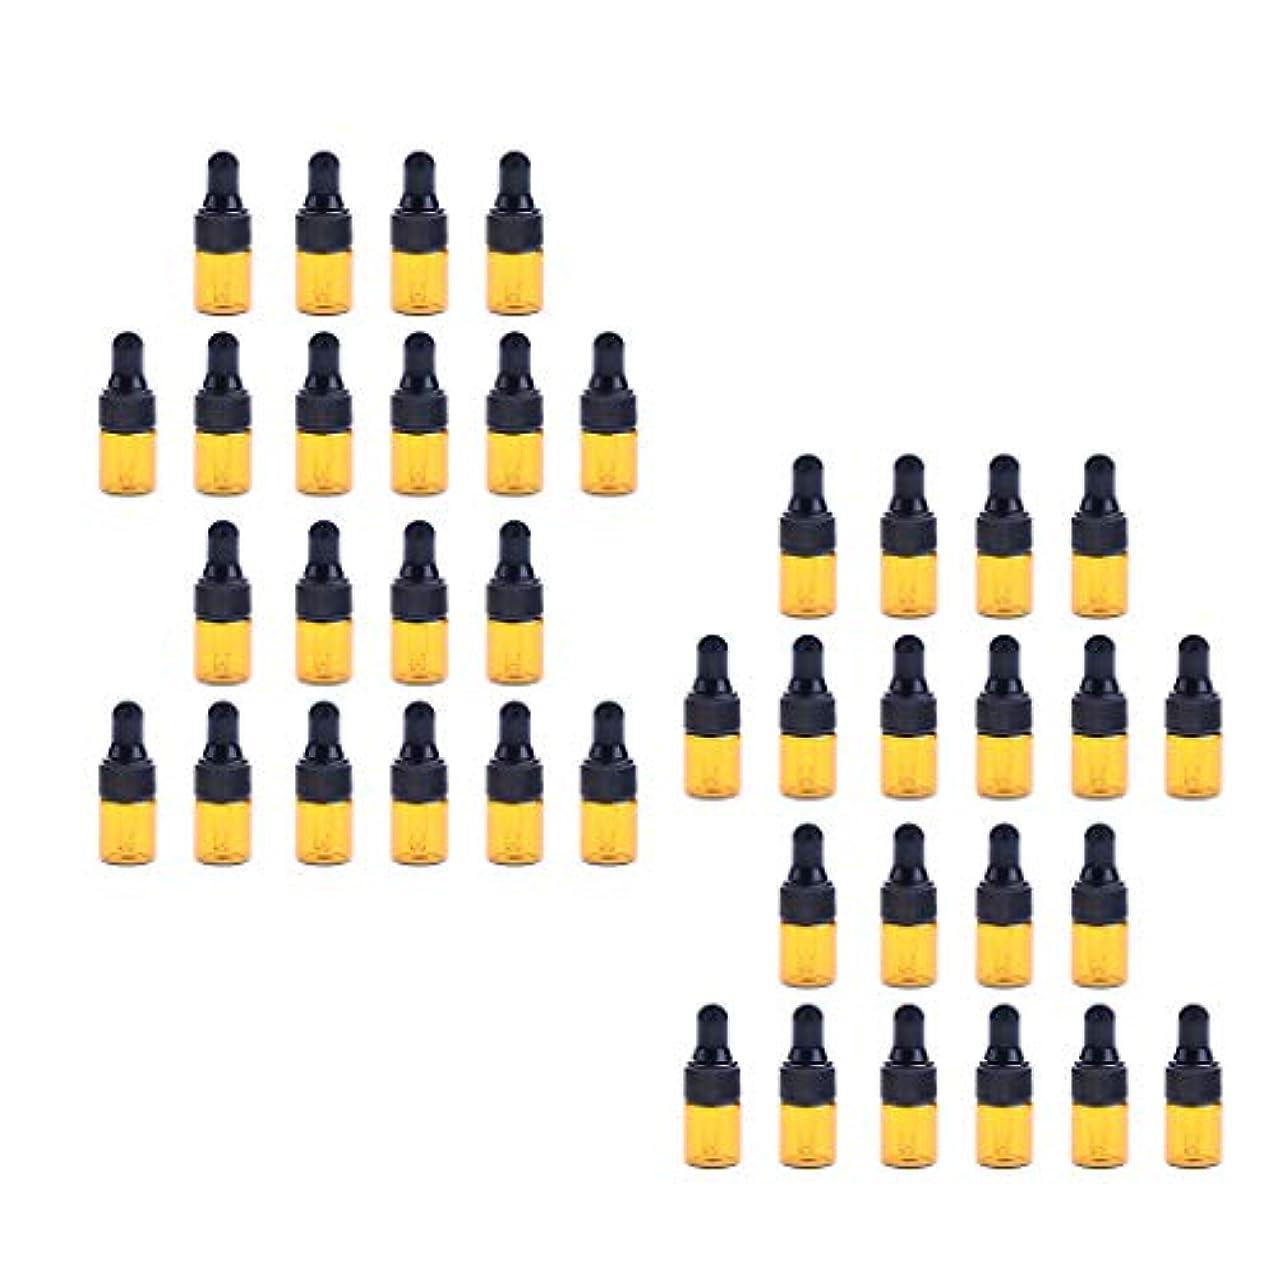 フック放散する有毒な40個入 ドロッパーボトル ガラス瓶 エッセンシャルオイル 精油 保存容器 詰め替え 小型 1ml /2ml